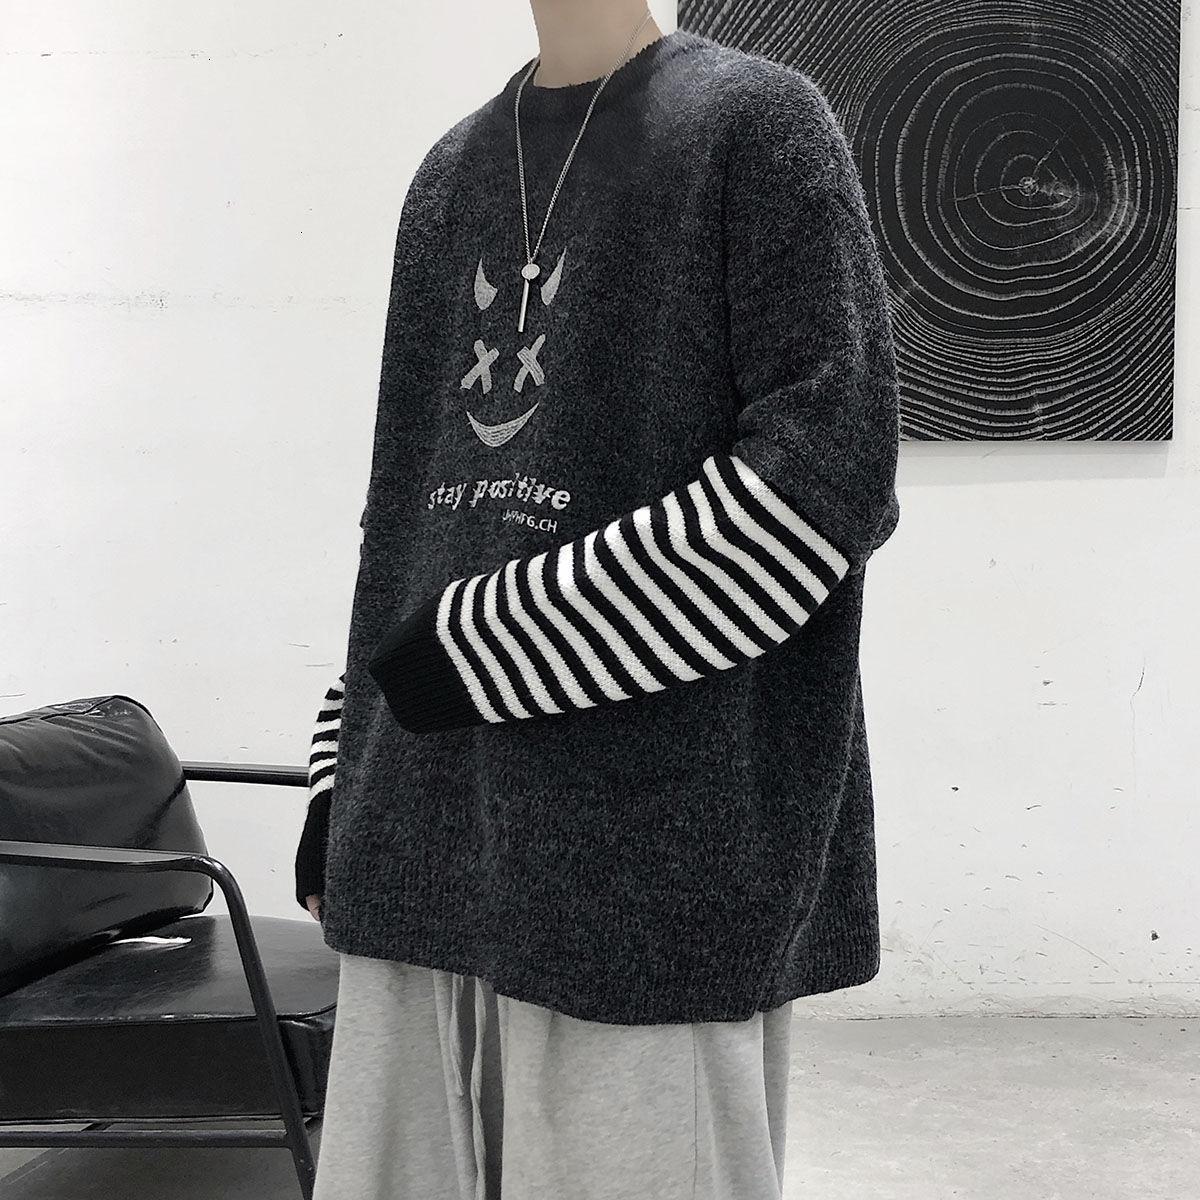 Привашнечник 2020 осень новый мужской свитер повседневная негабаритная мода корейская уличная одежда одежда женщина зима хип-хоп пуловеры